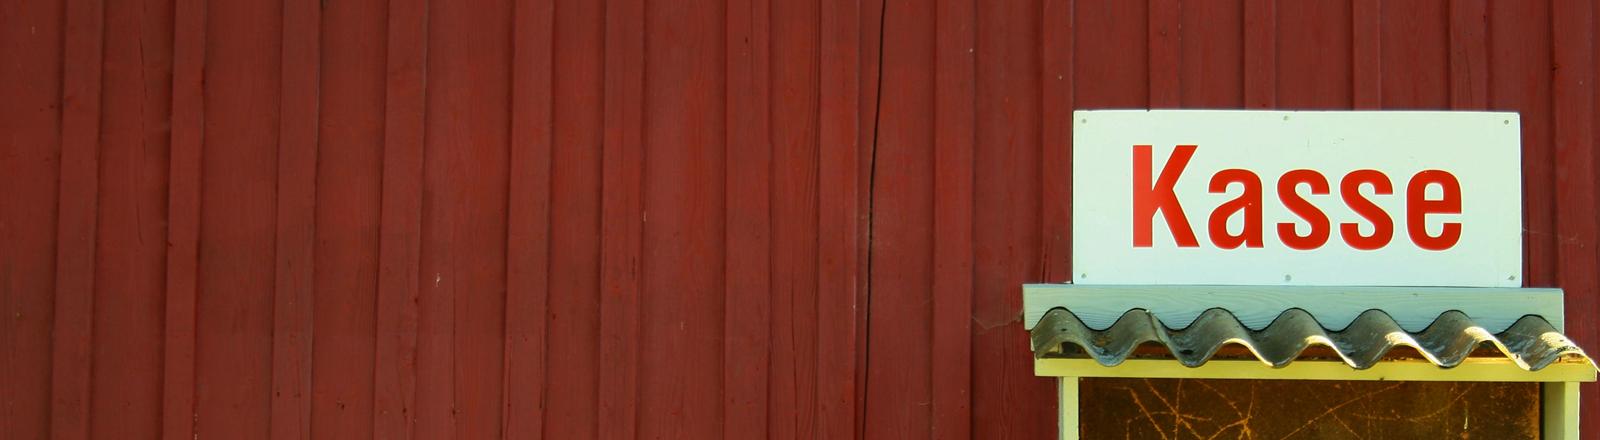 Kassenhäuschen vor roter Wand